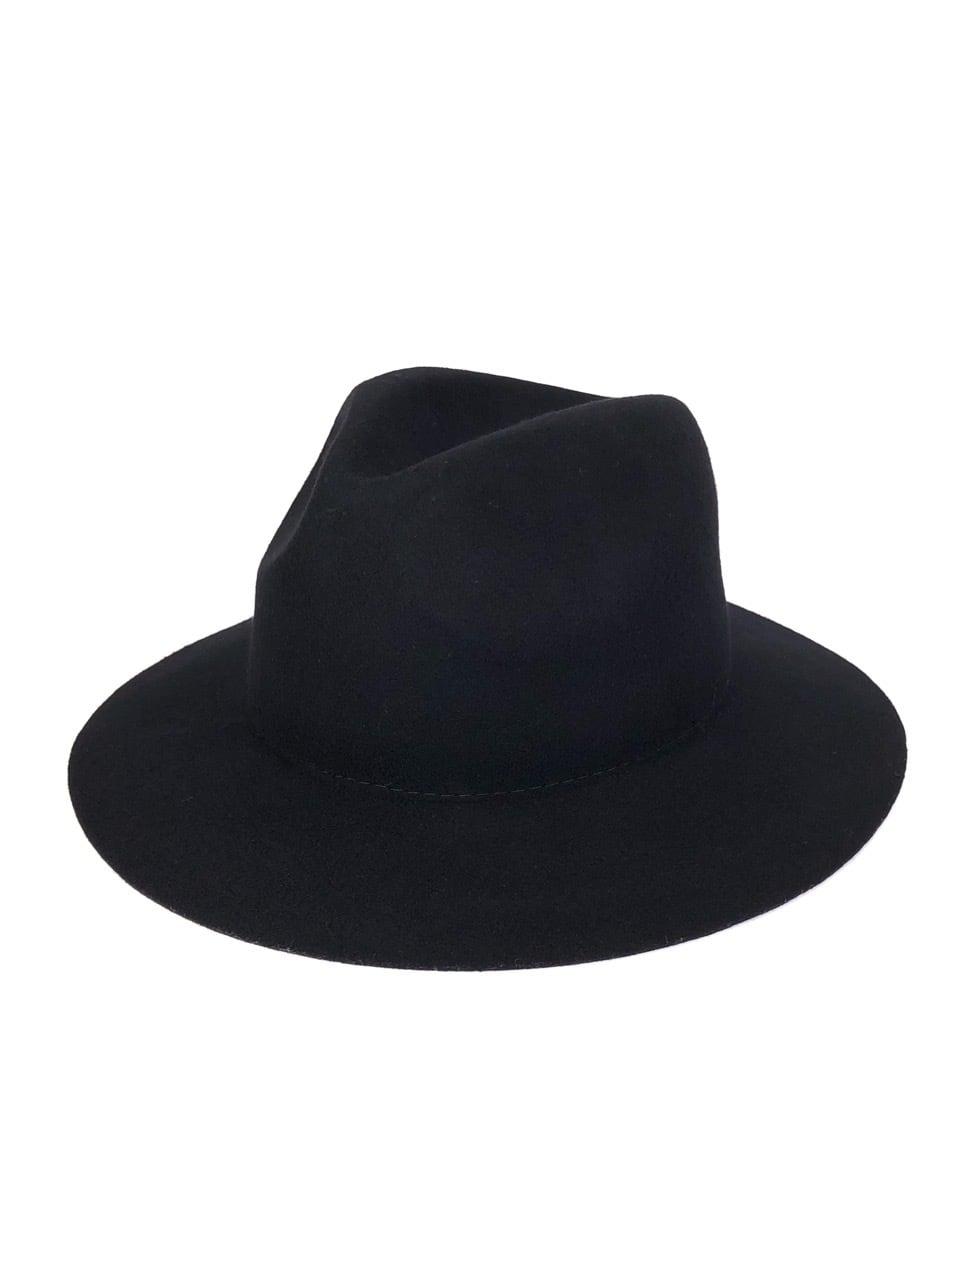 CHAIN HAT【チェインハット】